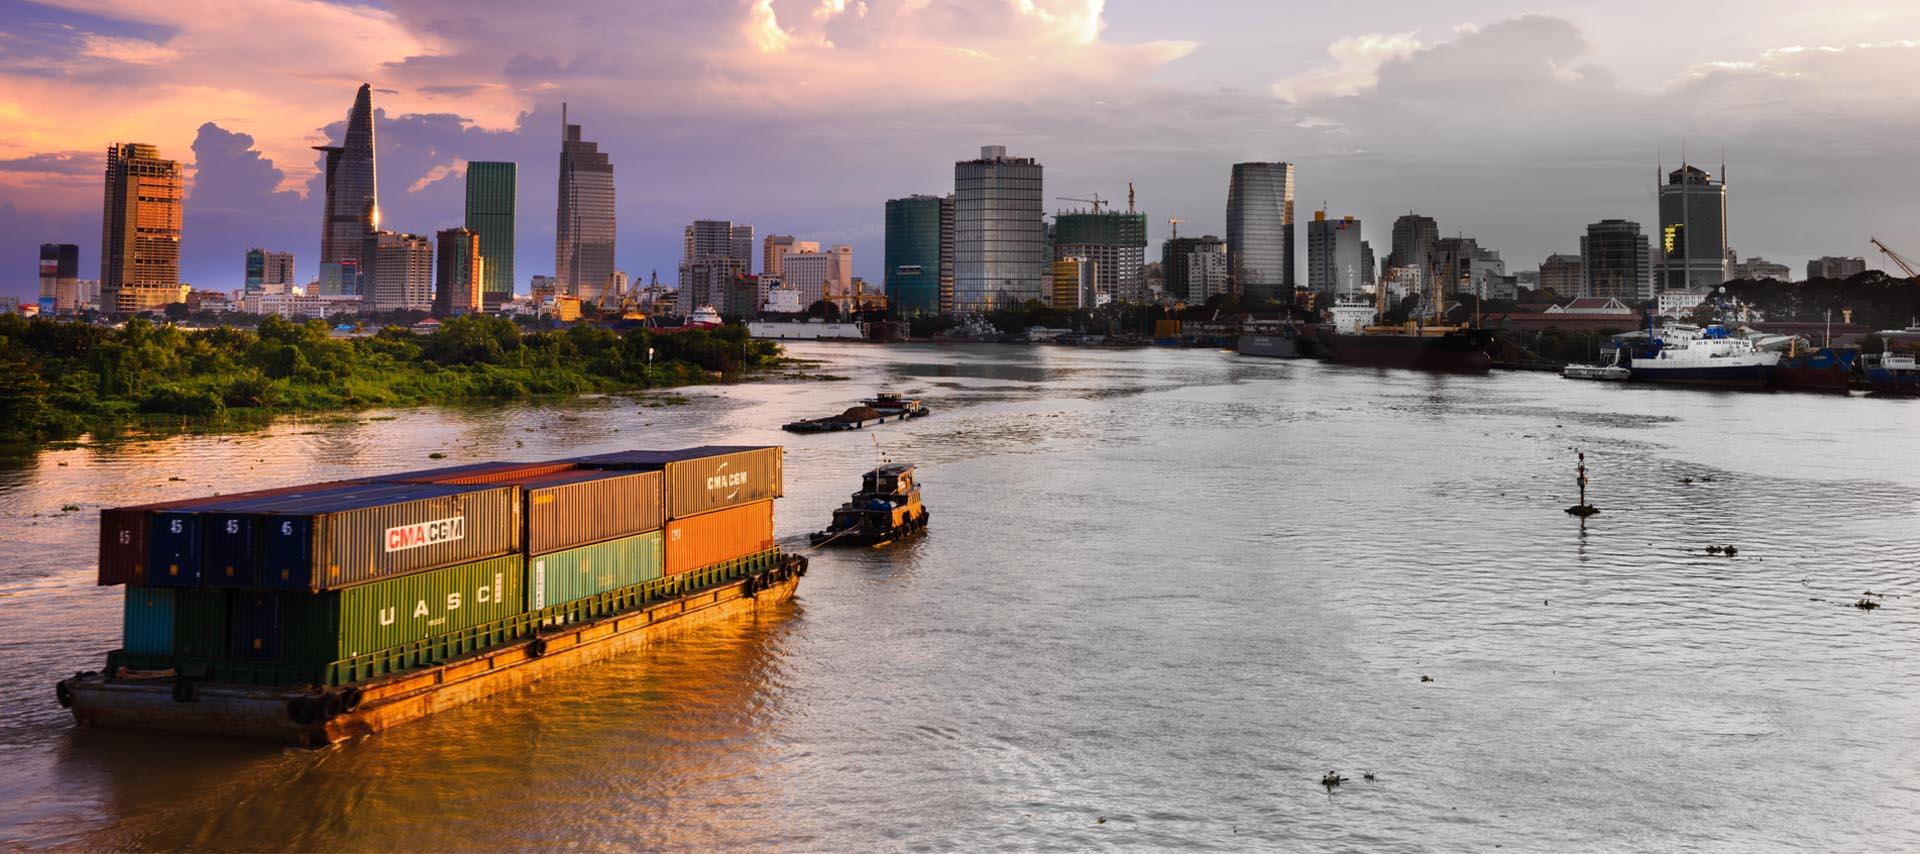 Wpływający statek do miasta Ho Chi Minh w Wietnamie